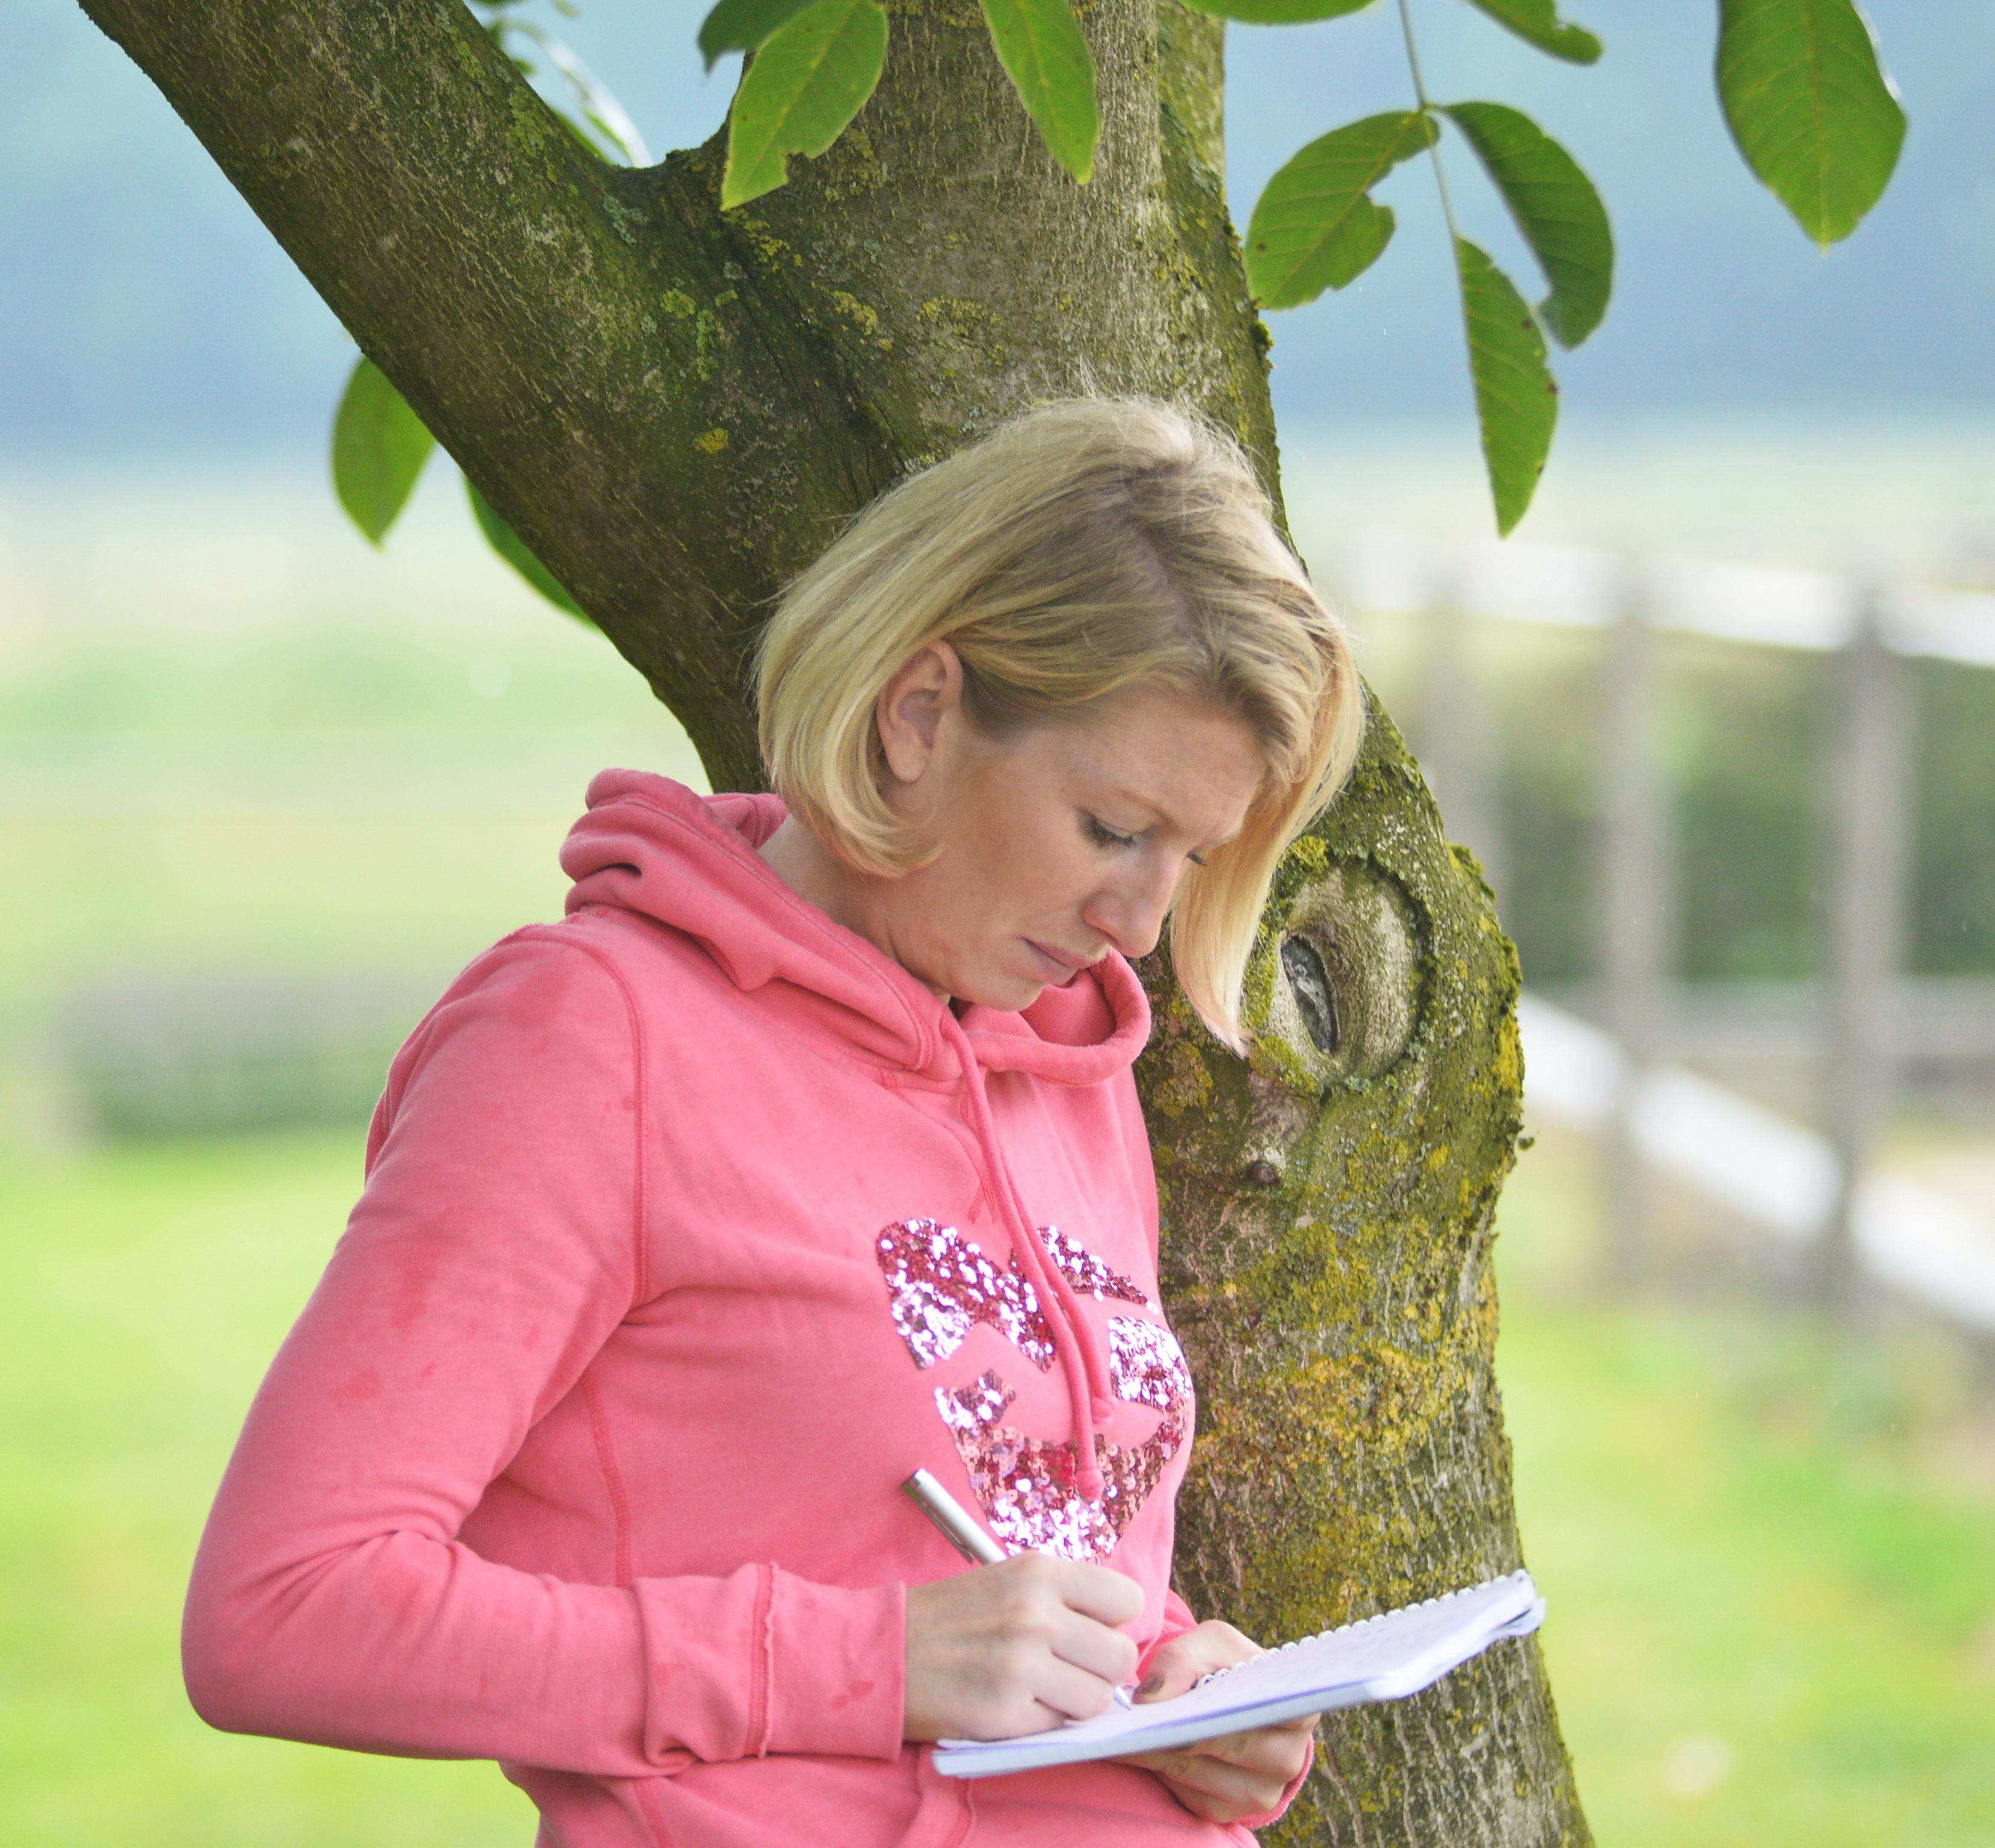 Carolin Tassius-Diederich, M.A., freie Journalistin, Vorstandsmitglied des Holsteiner Verbandes, Foto: J. Reumann